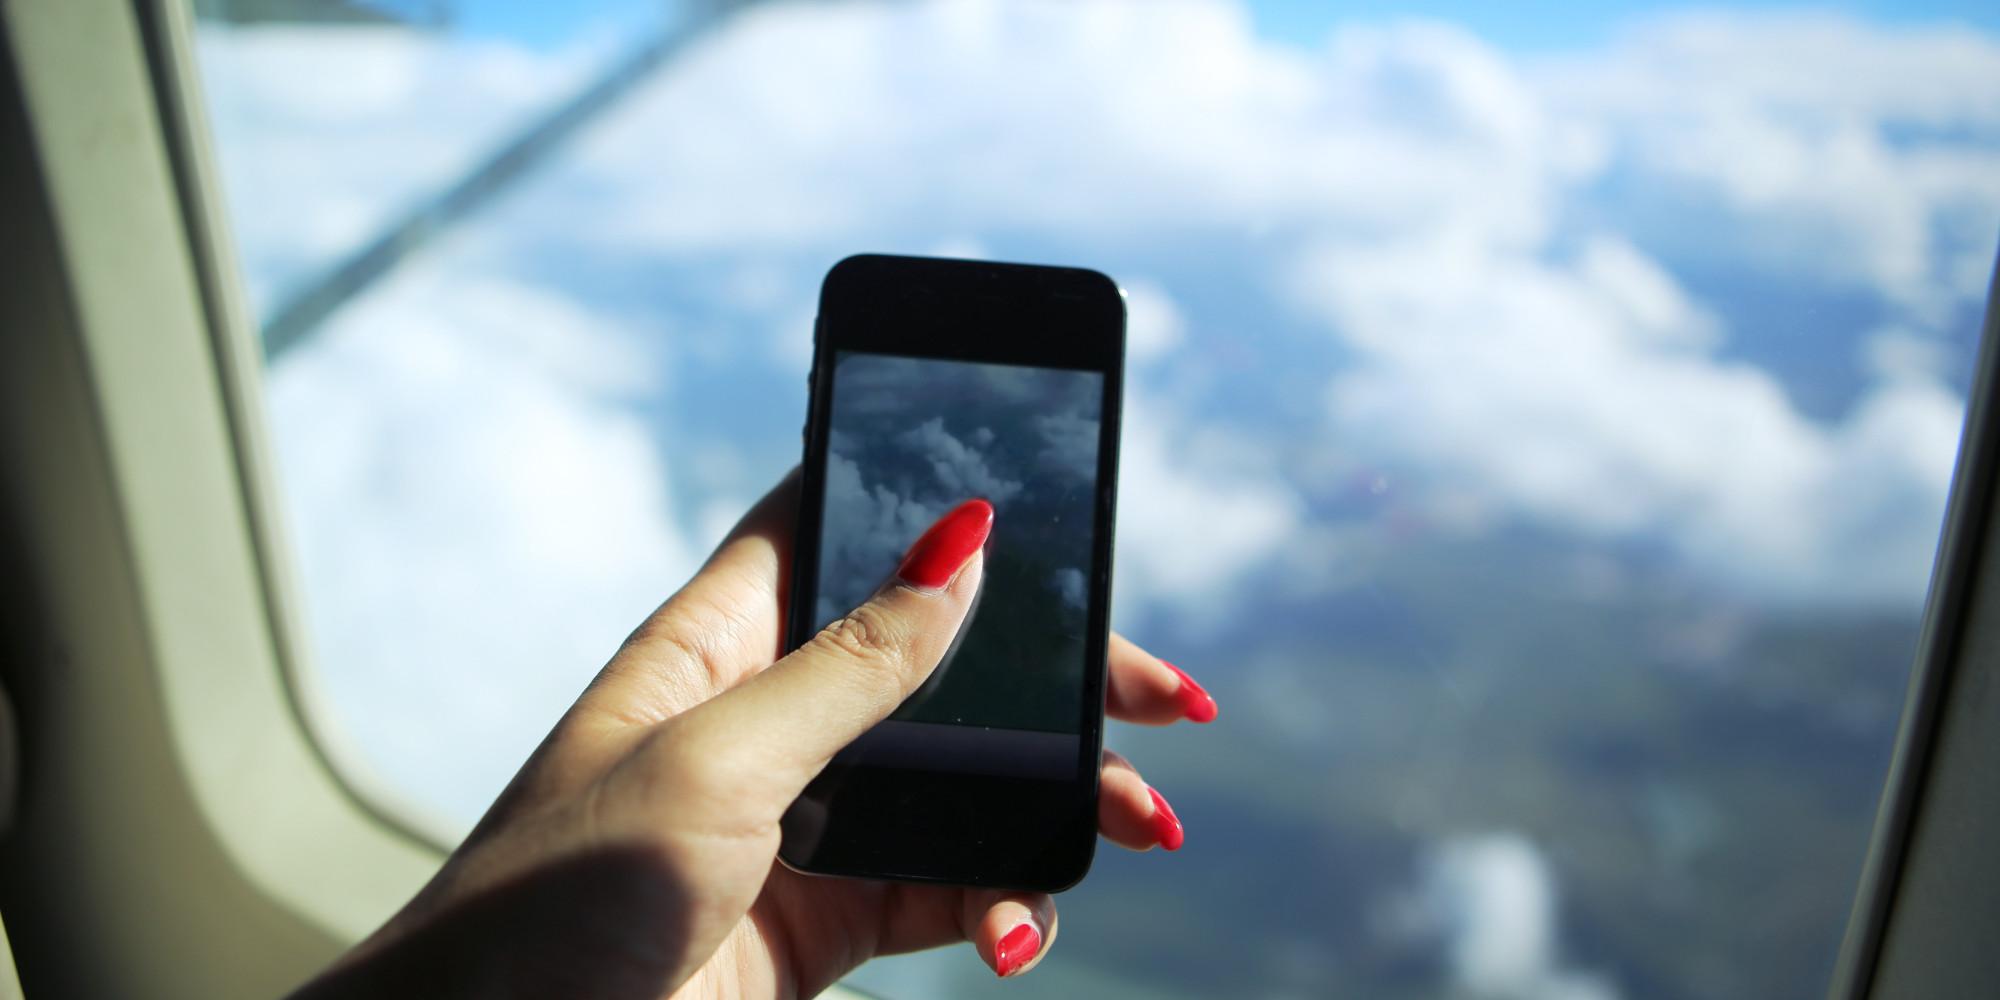 إذا أسقطت هاتفك على متن طائرة، لا تتحرك، اتركه، واطلب المساعدة